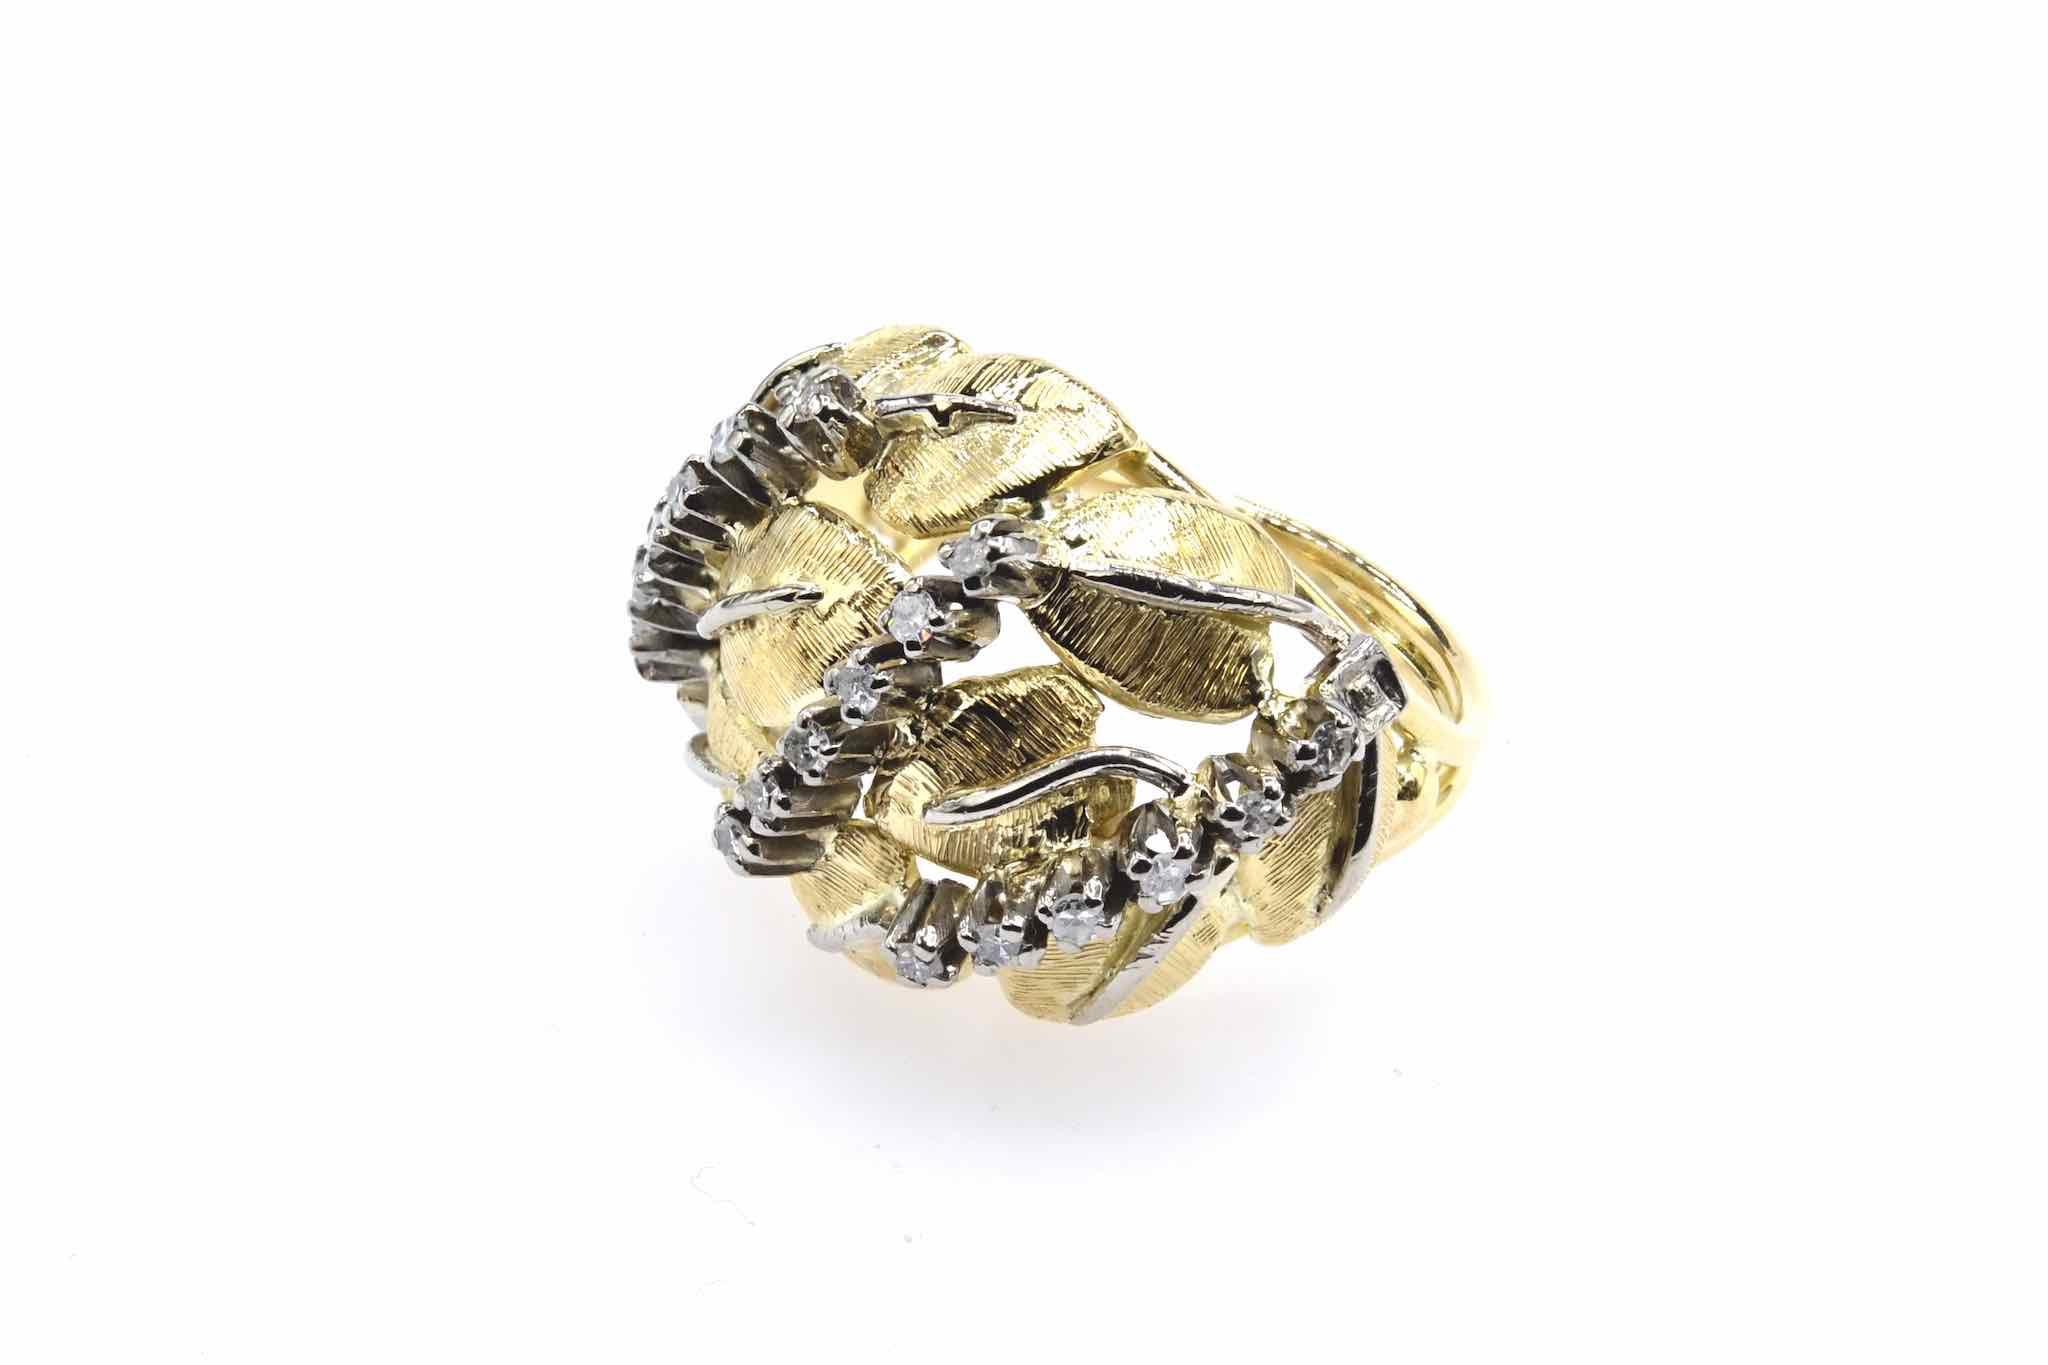 Bague diamants et or jaune brossé